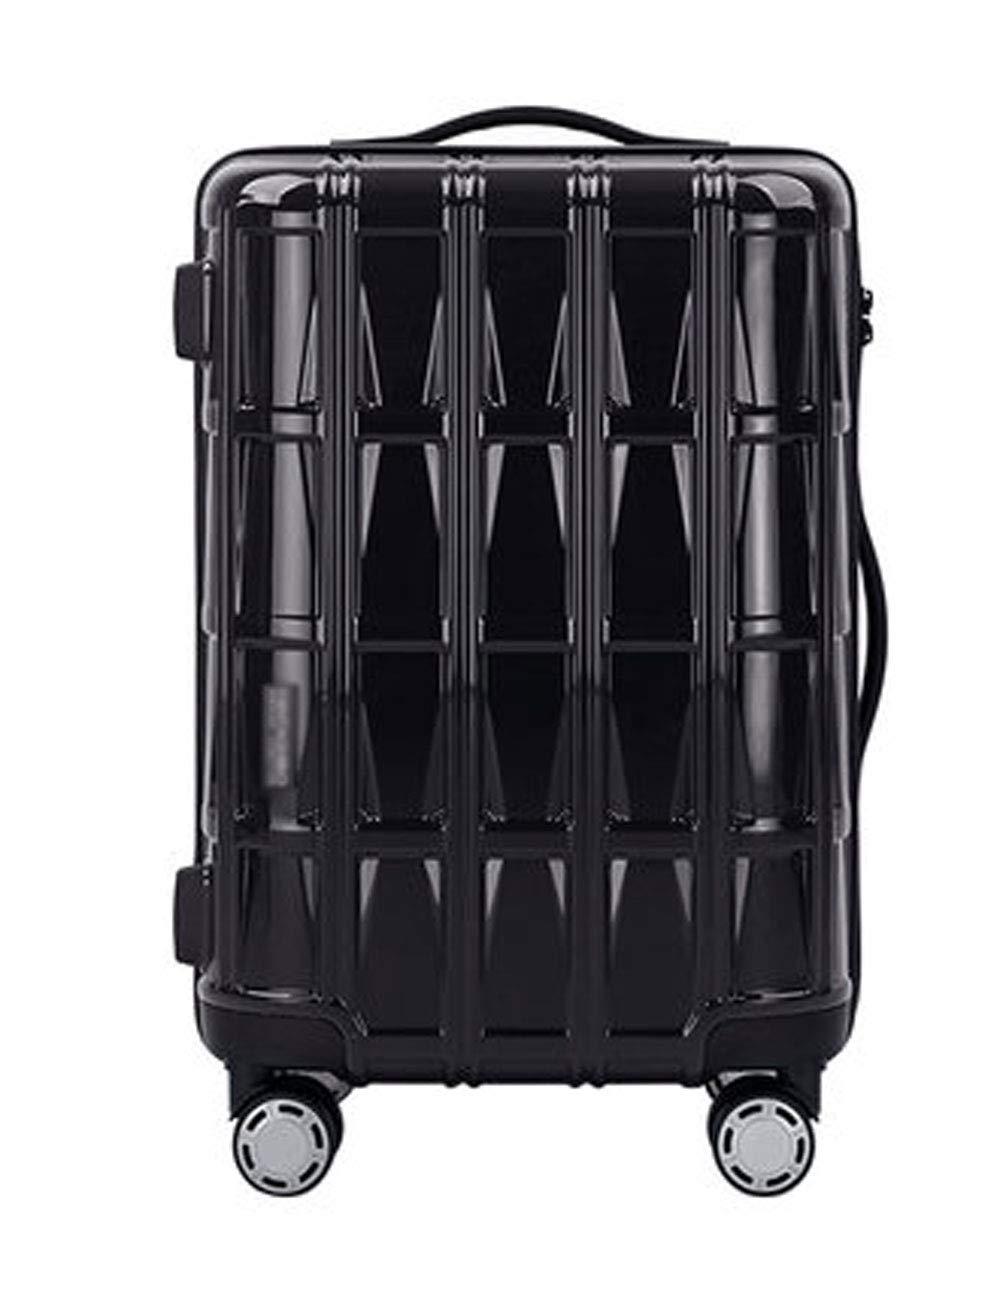 軽量ABSハードケース旅行スーツケース、360度回転ローラー、小型搭乗ケース36cm * 23cm * 50cm (色 : 黒)   B07GR4B821